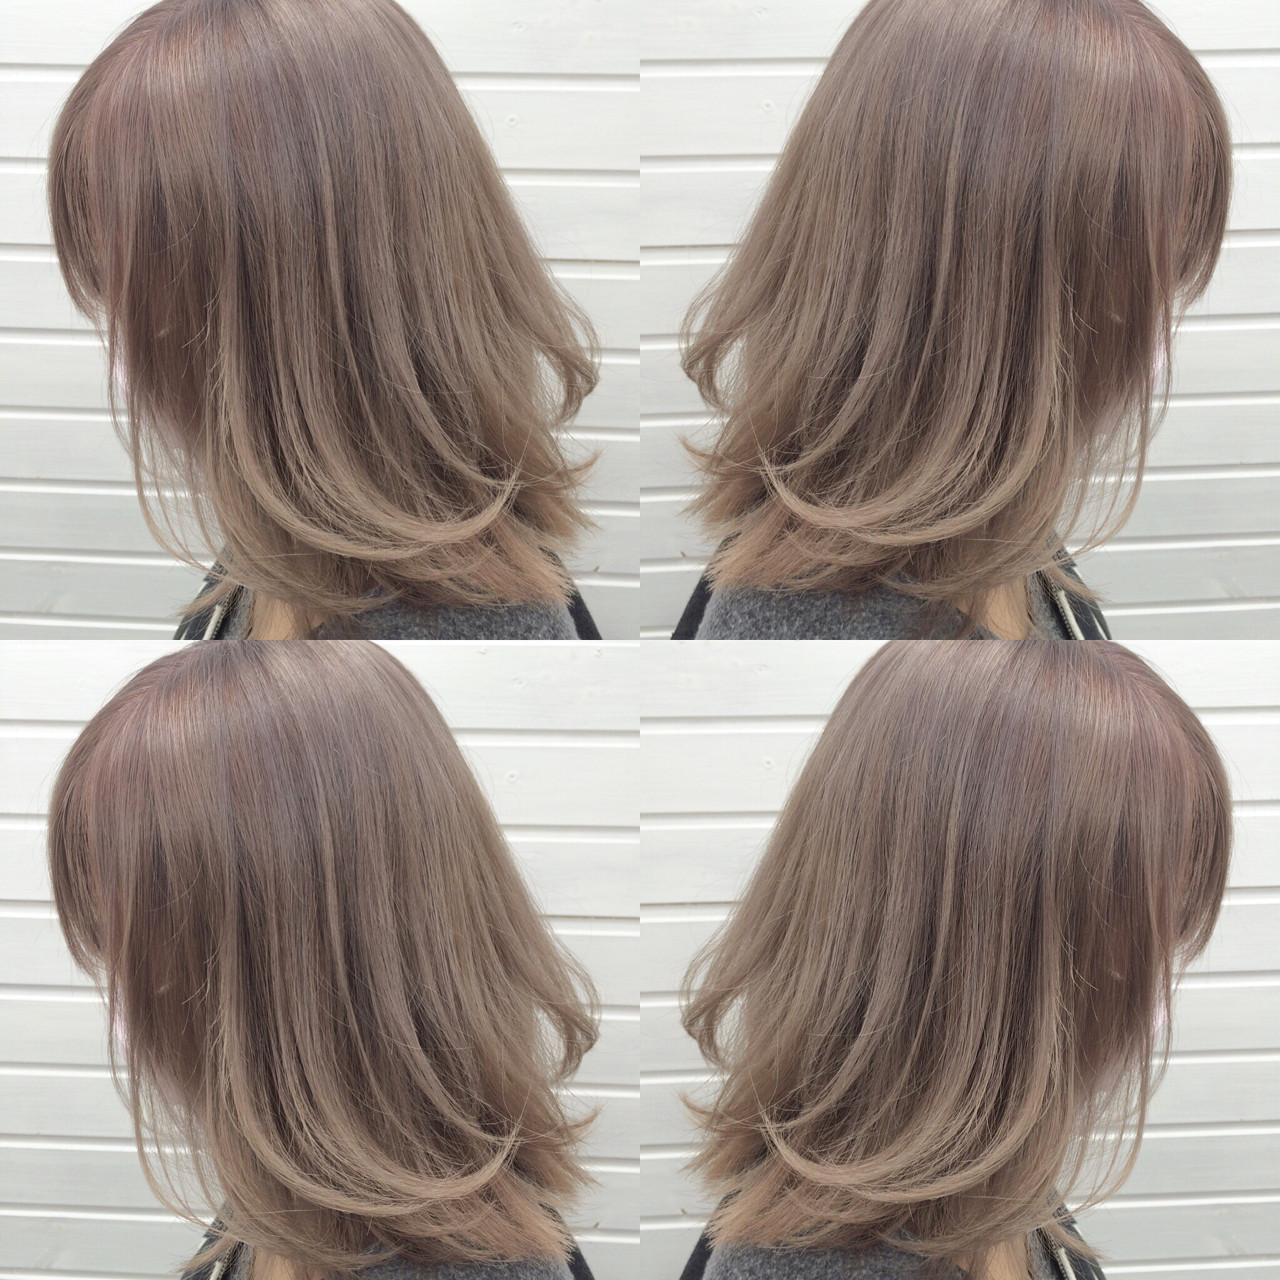 ミディアム ブリーチ ラベンダーアッシュ アッシュ ヘアスタイルや髪型の写真・画像